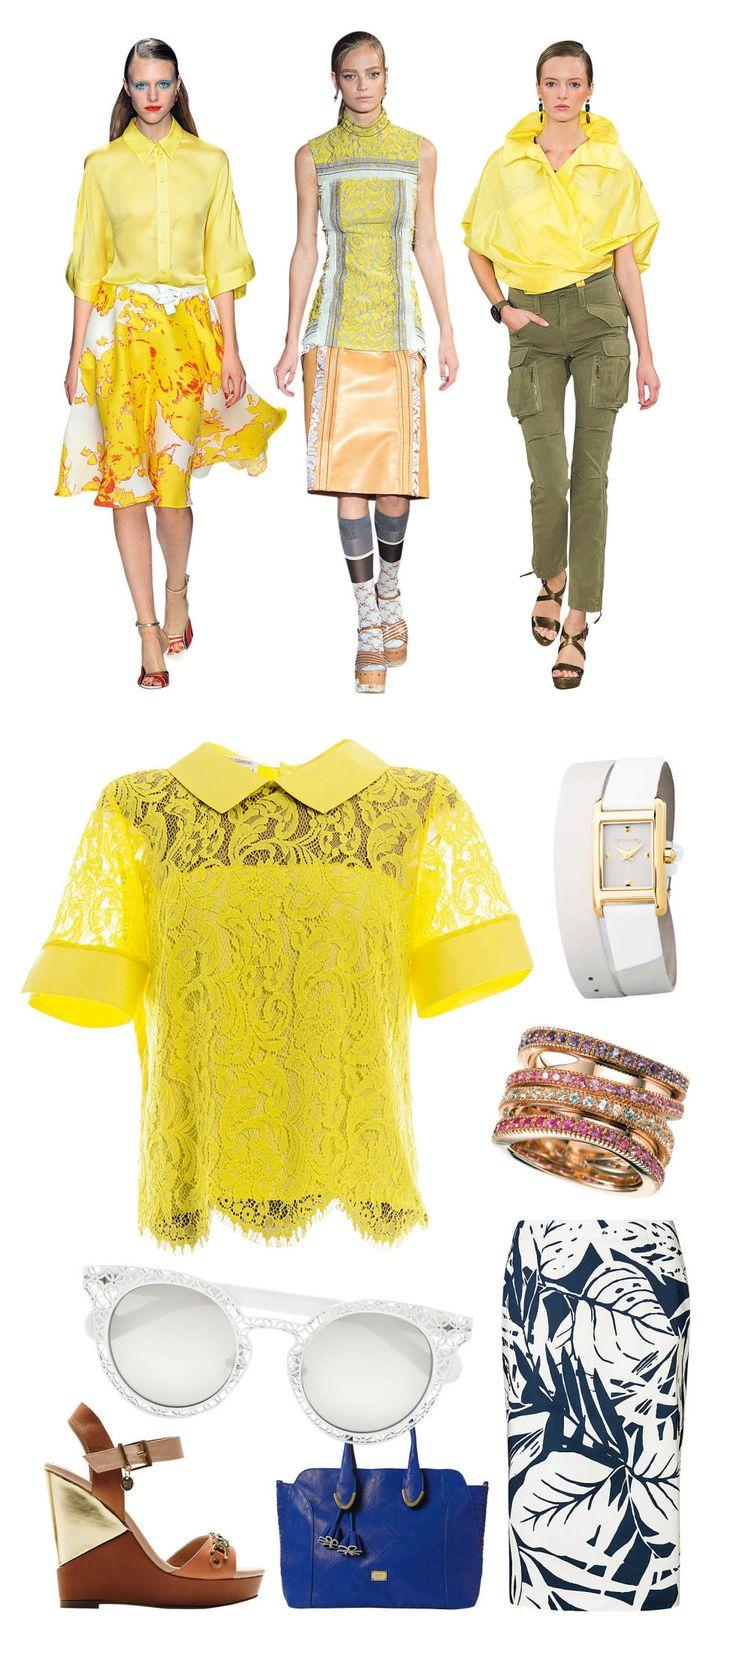 La camicia gialla è la protagonista dei tuoi look estivi